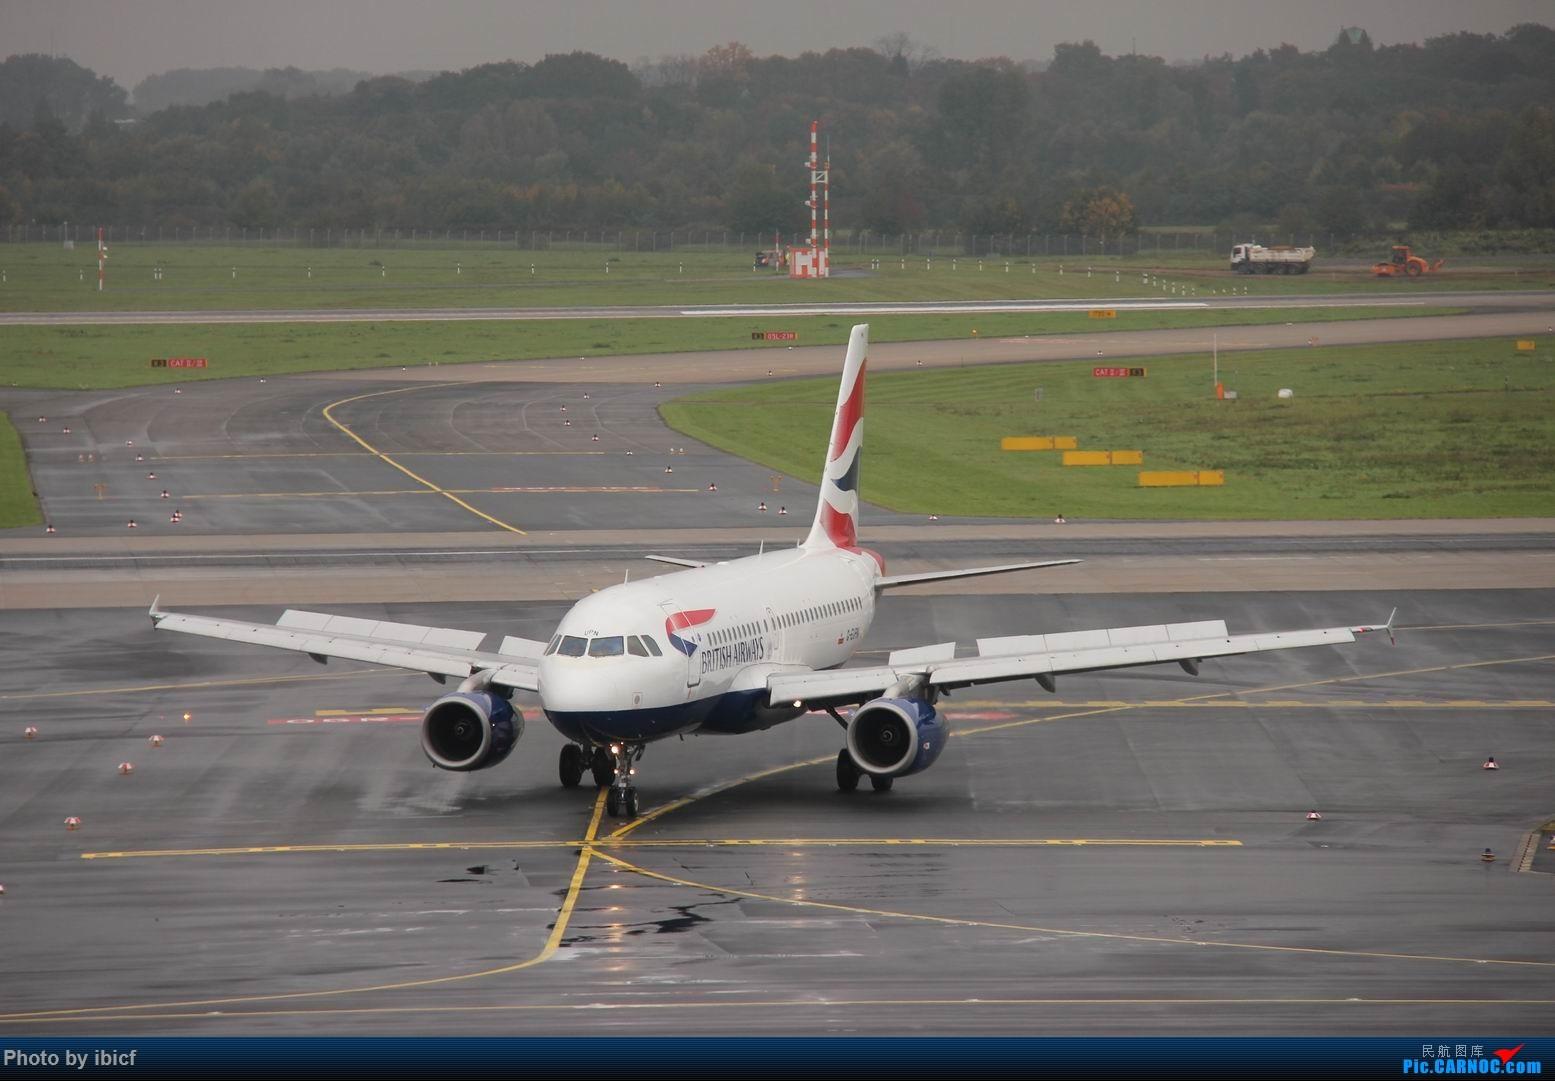 Re:[原创]国庆杜塞拍机 AIRBUS A319-100 G-EUPN DUS